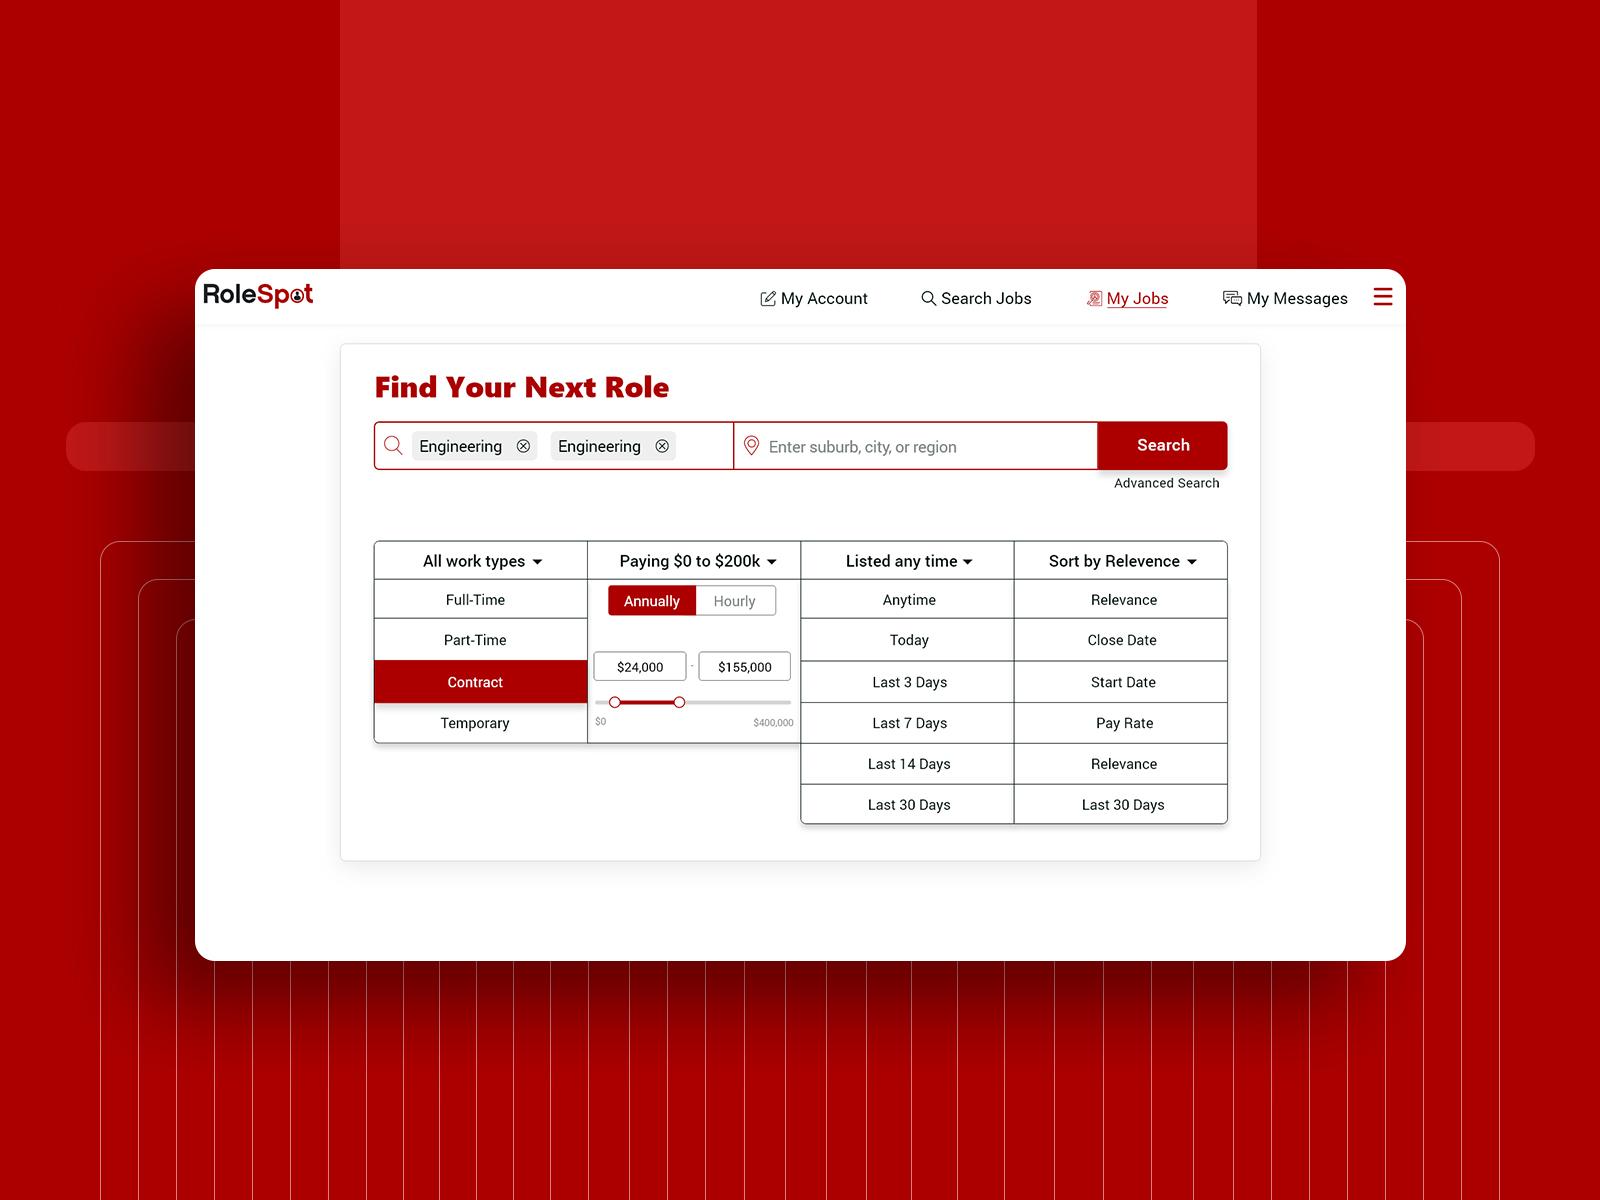 RoleSpot Job Filters